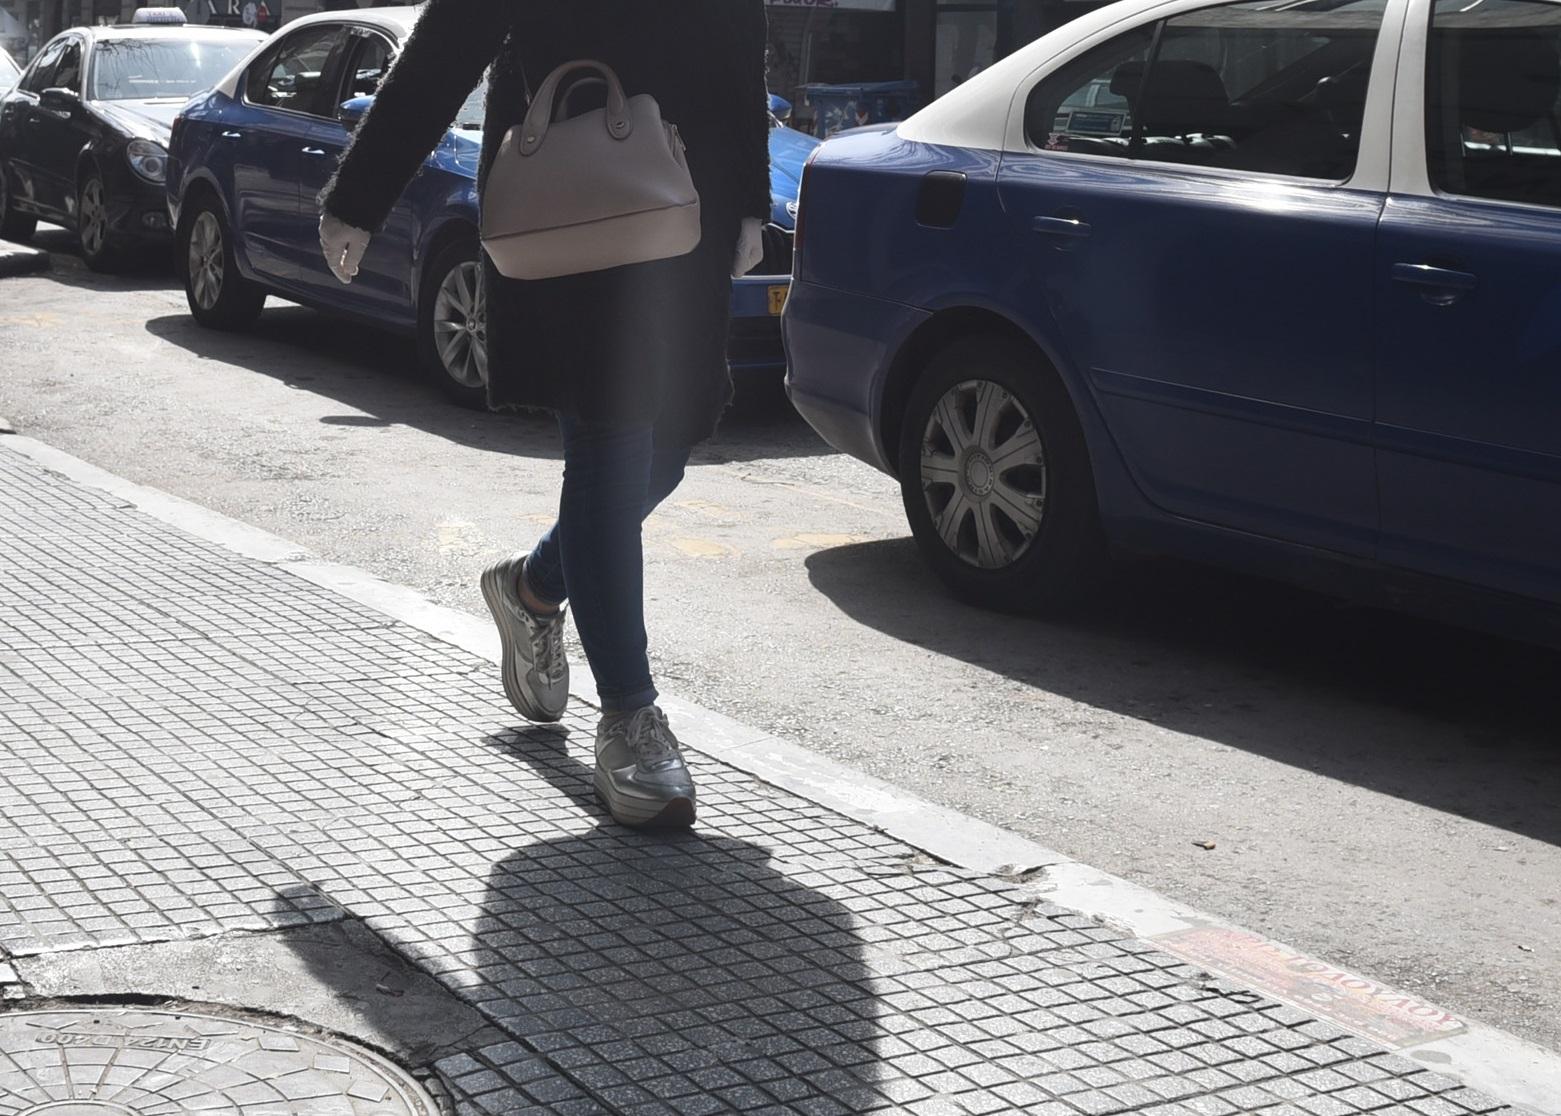 Παρουσιάστρια σε υστερία μέσα σε μαγαζί της Θεσσαλονίκης! Δεν ήθελε να βάλει αντισηπτικό